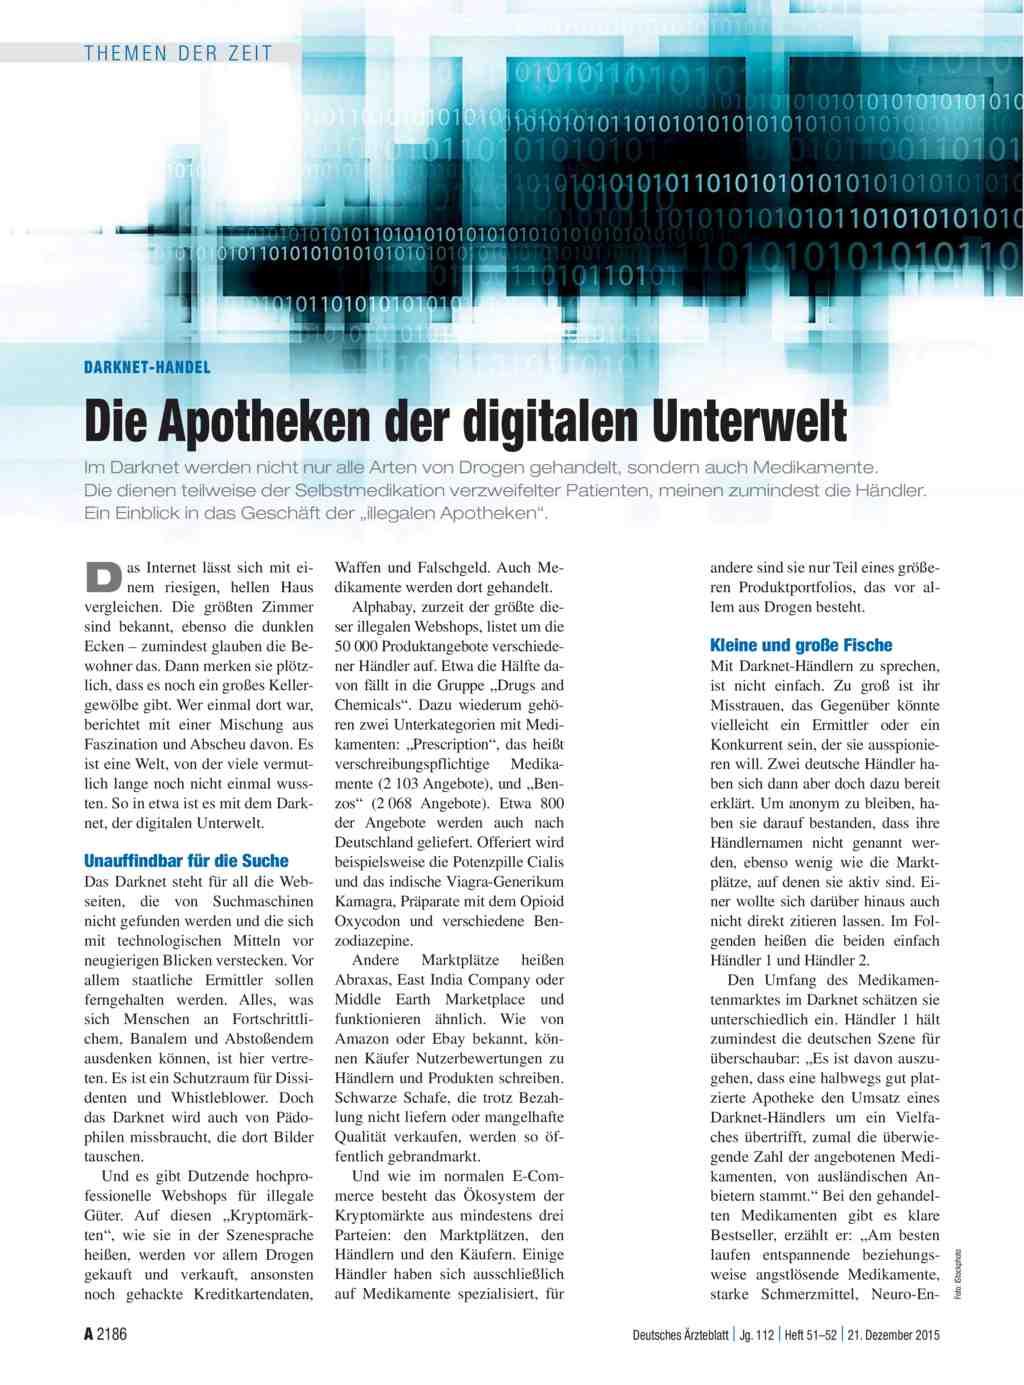 Darknet-Handel: Die Apotheken der digitalen Unterwelt